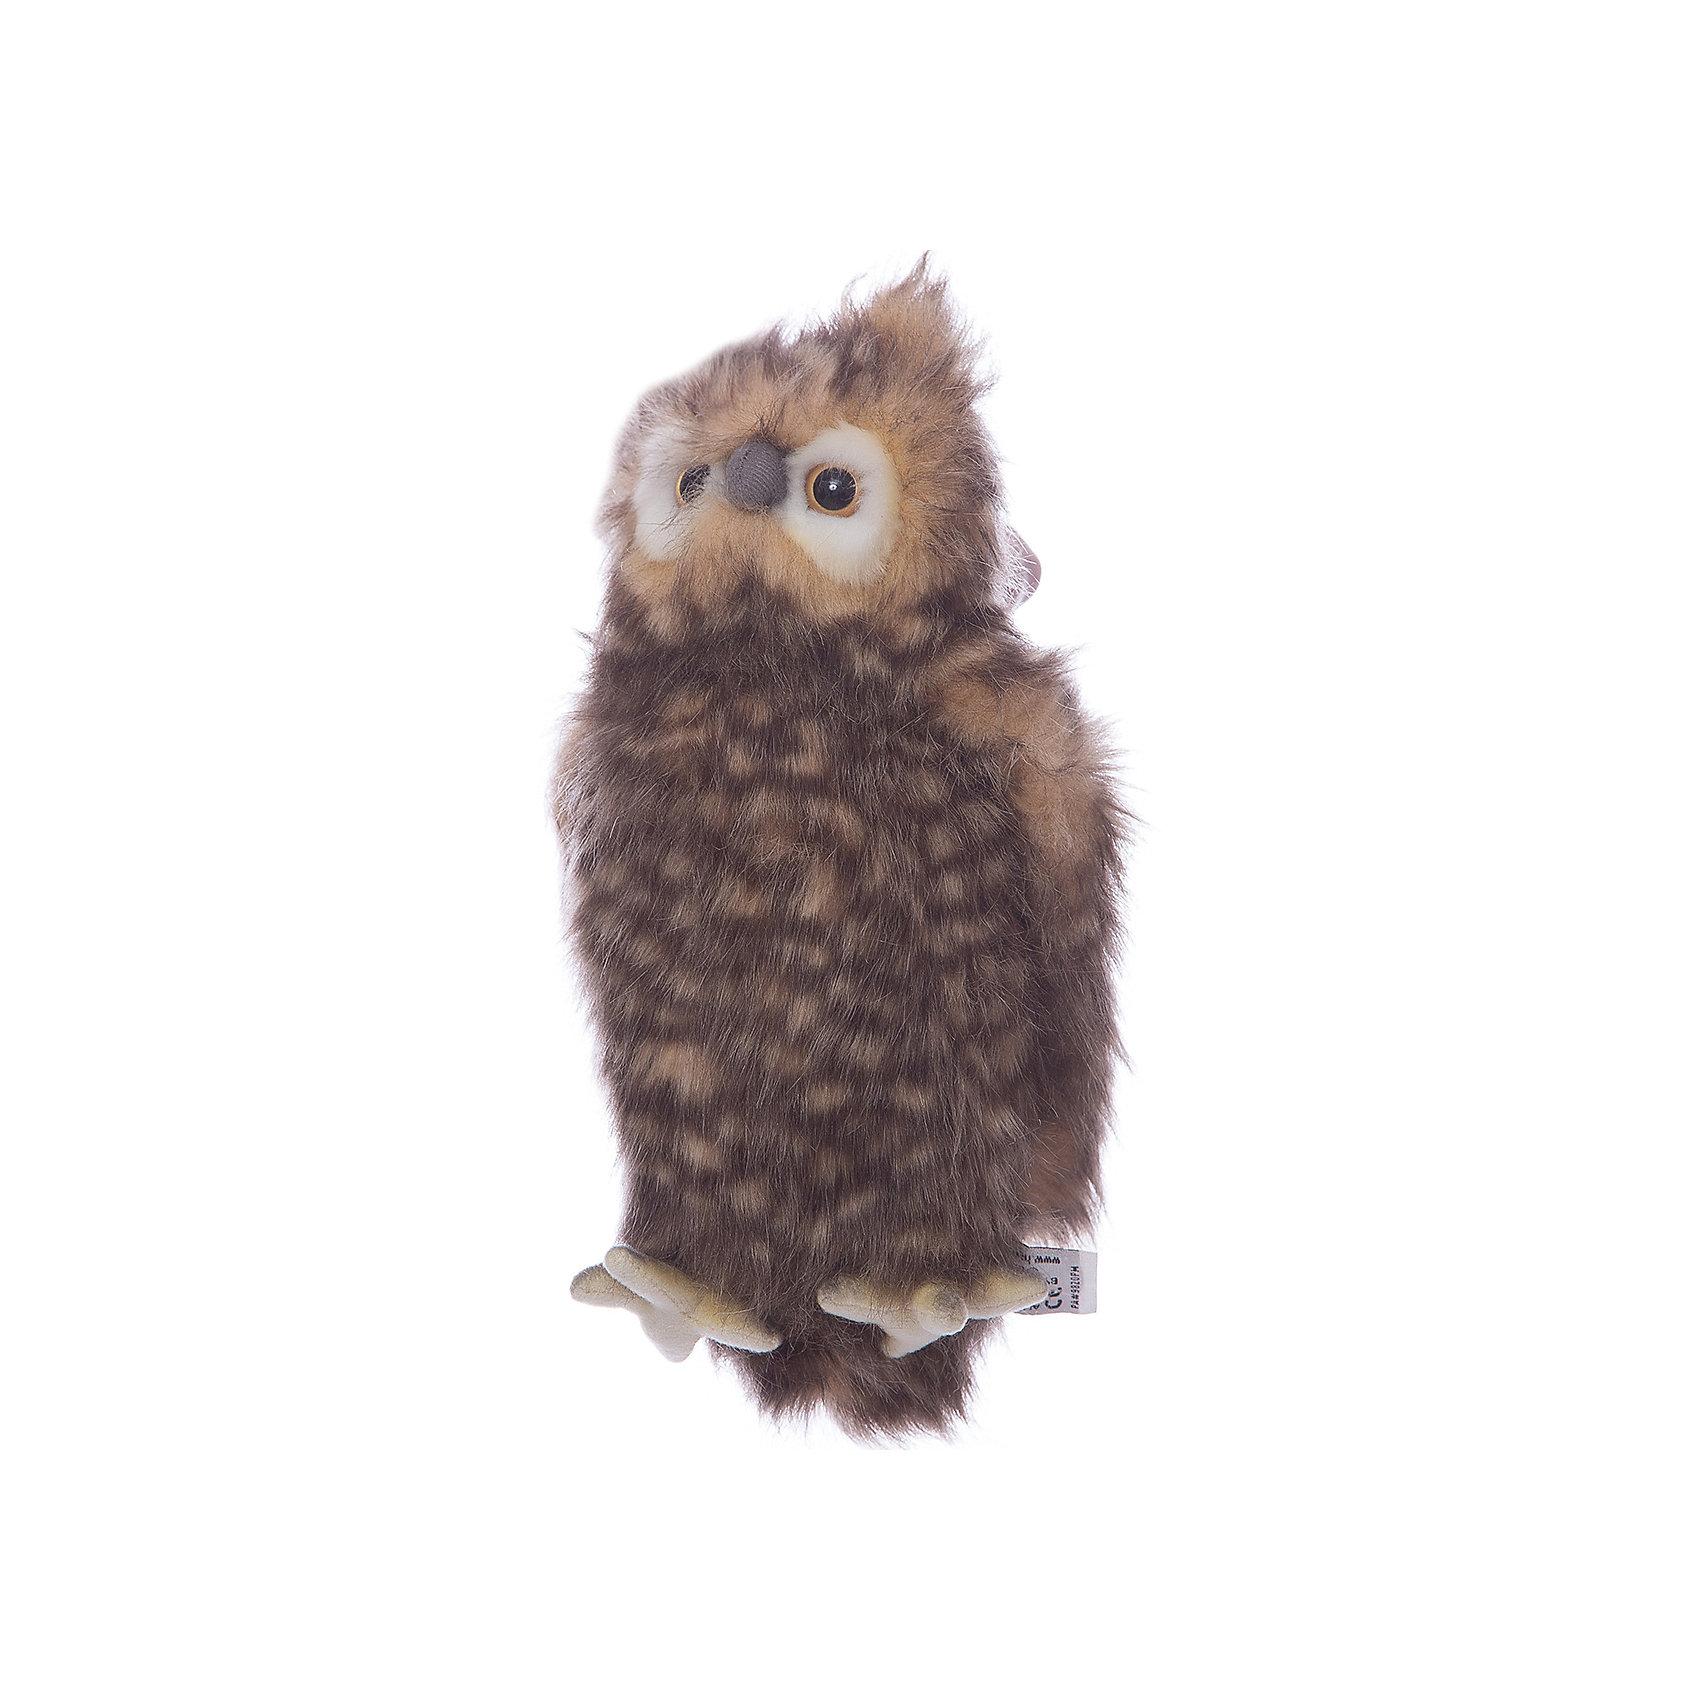 Мягкая игрушка Hansa Сова, 24 смМягкие игрушки животные<br>Характеристики товара:<br><br>• возраст: от 3 лет;<br>• материал: искусственный мех;<br>• высота игрушки: 24 см;<br>• размер упаковки: 24х19х21 см;<br>• вес упаковки: 433 гр.;<br>• страна производитель: Филиппины.<br><br>Мягкая игрушка Сова Hansa 24 см — очаровательная пятнистая сова с глазками-пуговками, которая станет для ребенка любимым домашним питомцем. Игрушку можно брать с собой на прогулку, в детский садик, в гости и устраивать вместе с друзьями веселые игры. <br><br>Внутри проходит титановый каркас, который позволяет менять положение лап, туловища, крыльев. Игрушка сделана из качественных безопасных материалов.<br><br>Мягкую игрушку Сова Hansa 24 см можно приобрести в нашем интернет-магазине.<br><br>Ширина мм: 190<br>Глубина мм: 210<br>Высота мм: 240<br>Вес г: 433<br>Возраст от месяцев: 36<br>Возраст до месяцев: 2147483647<br>Пол: Унисекс<br>Возраст: Детский<br>SKU: 6680735